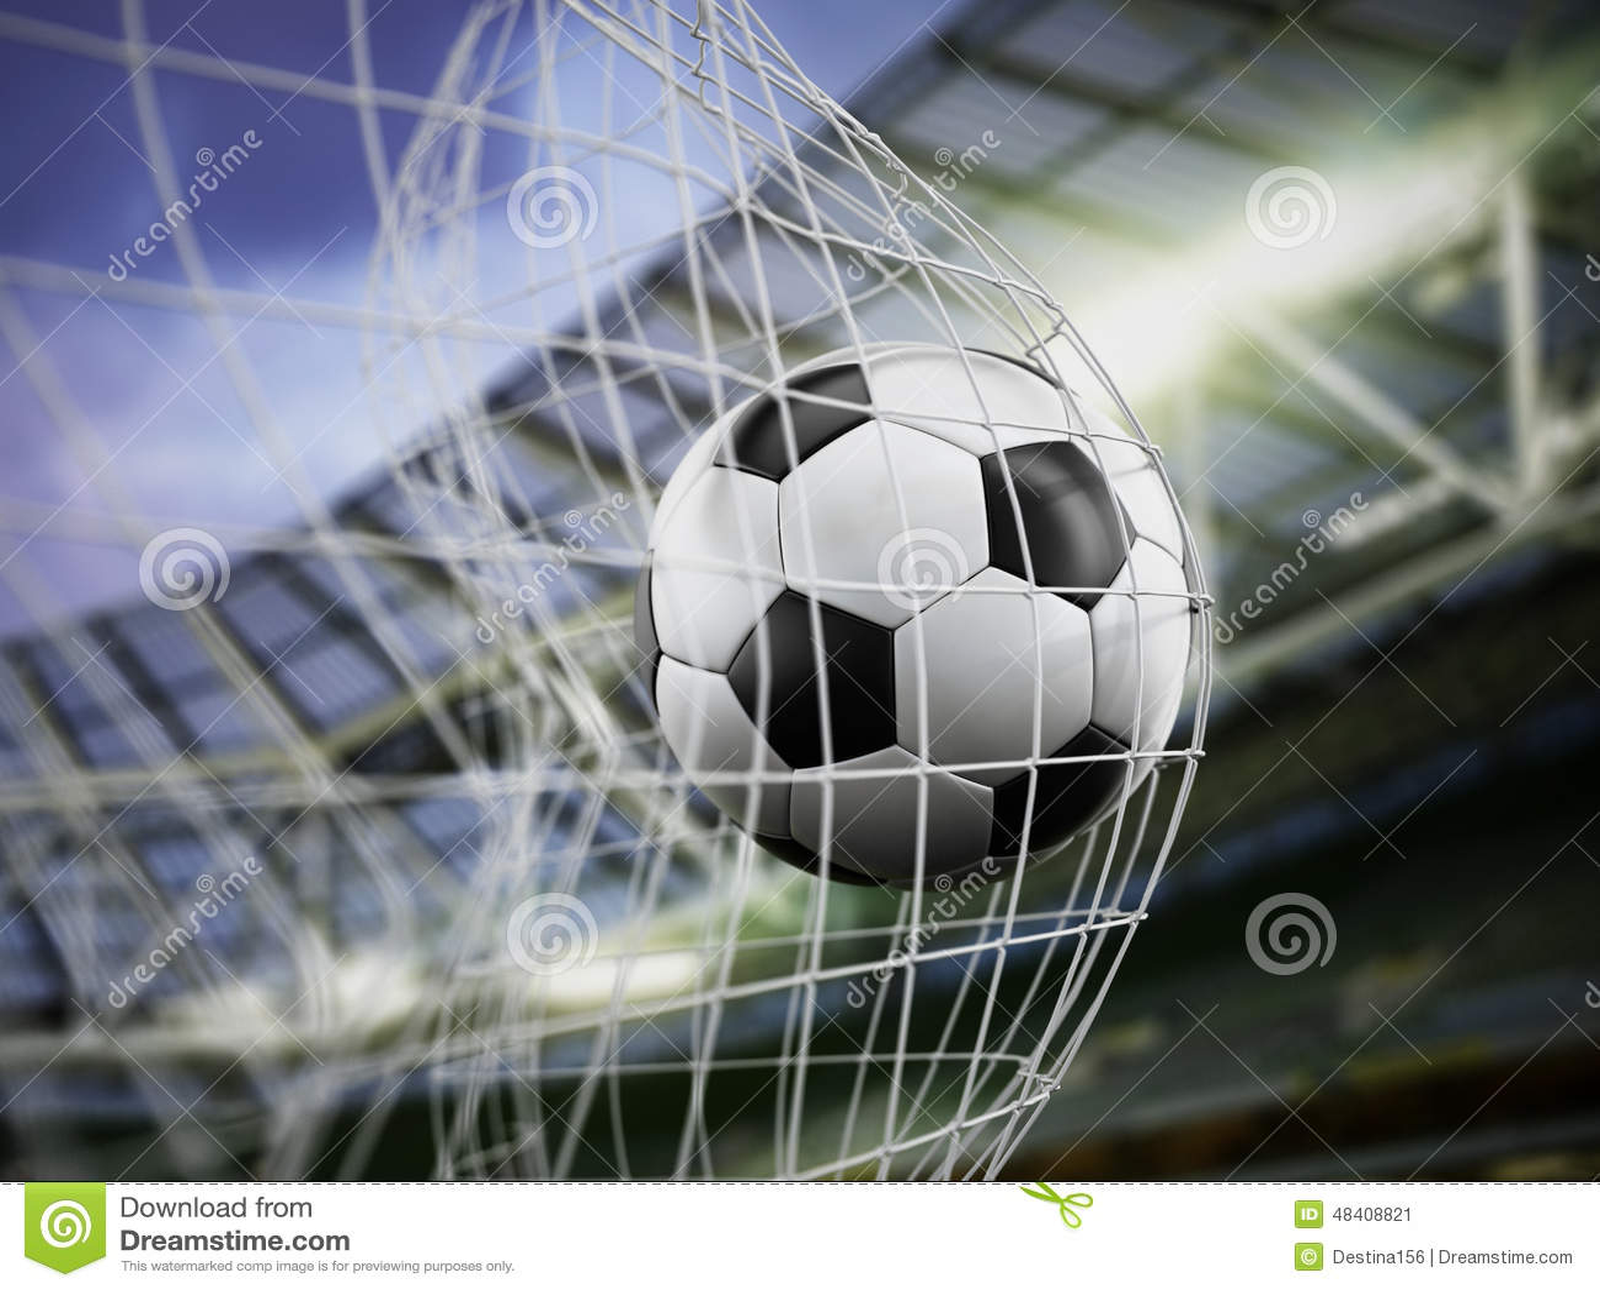 Fussball Auf Dem Netz Stockbild Bild Von Schlag